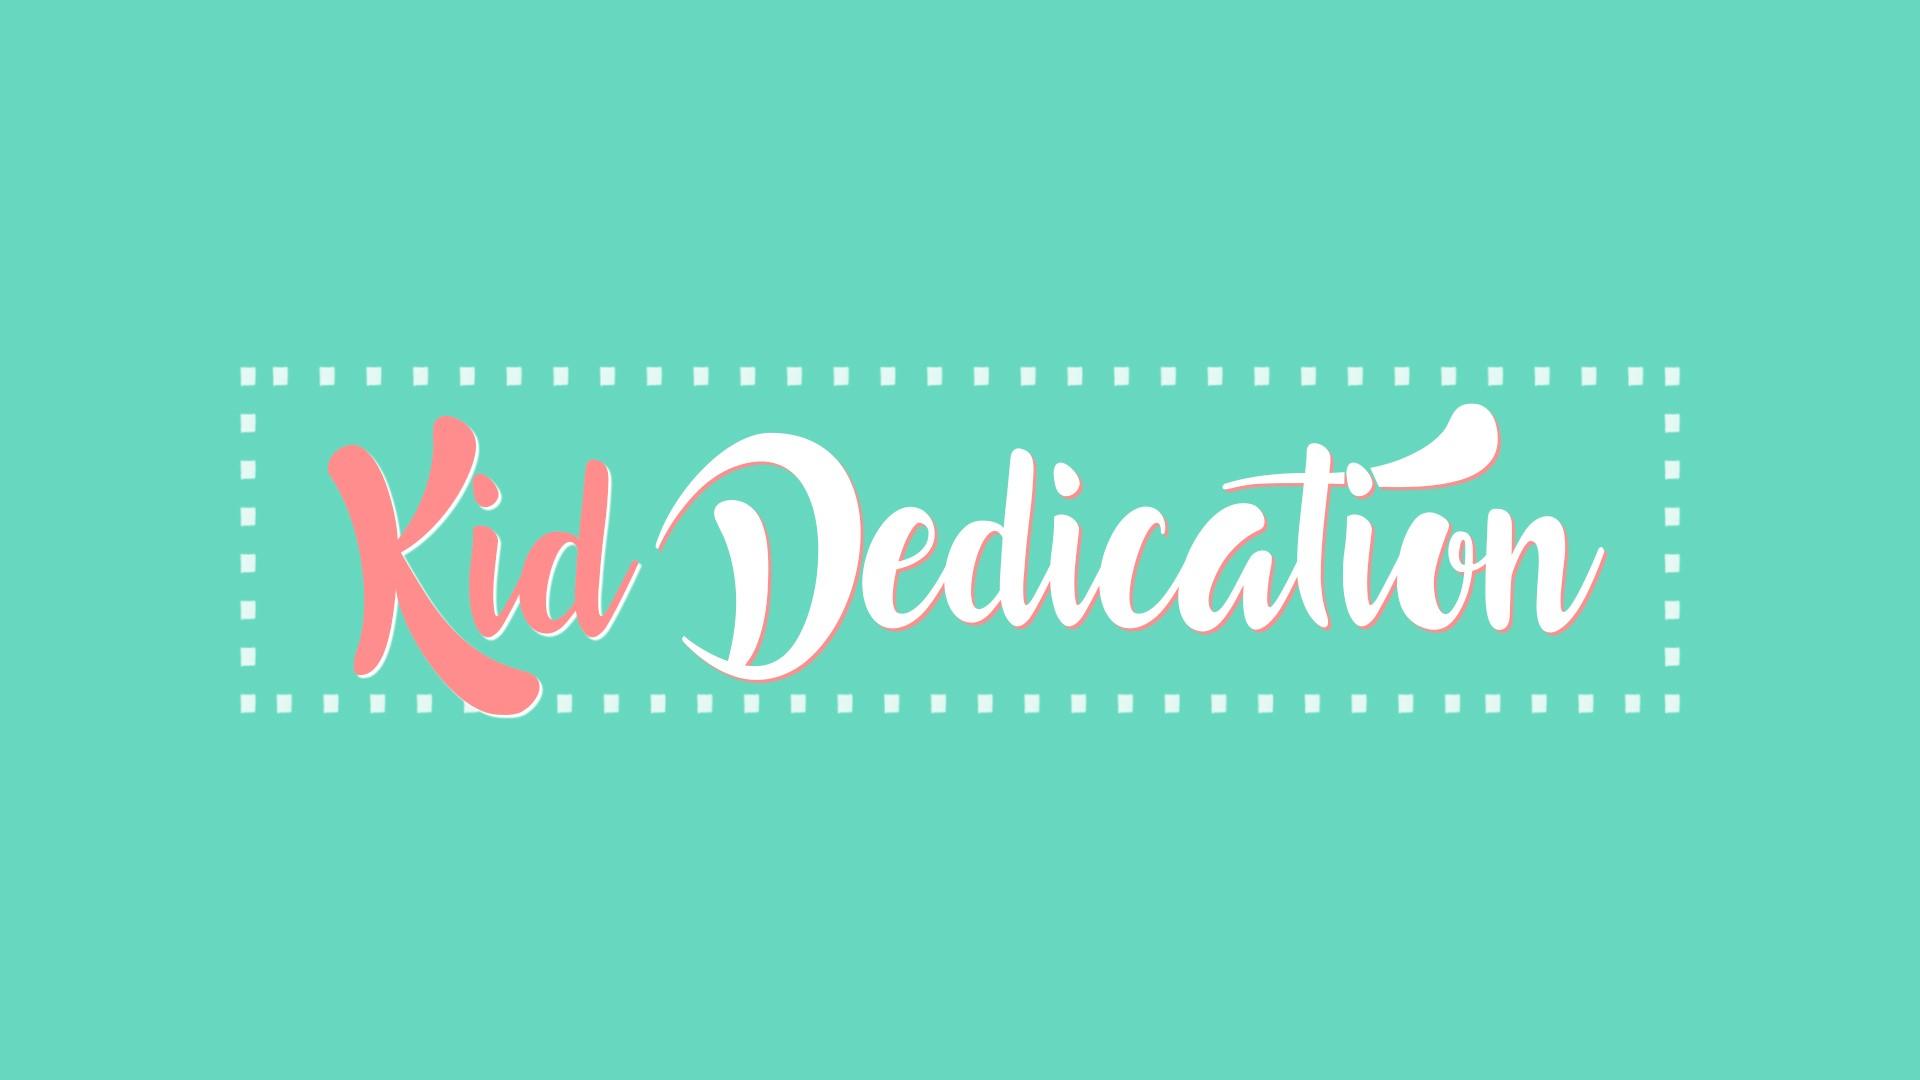 Kid dedication